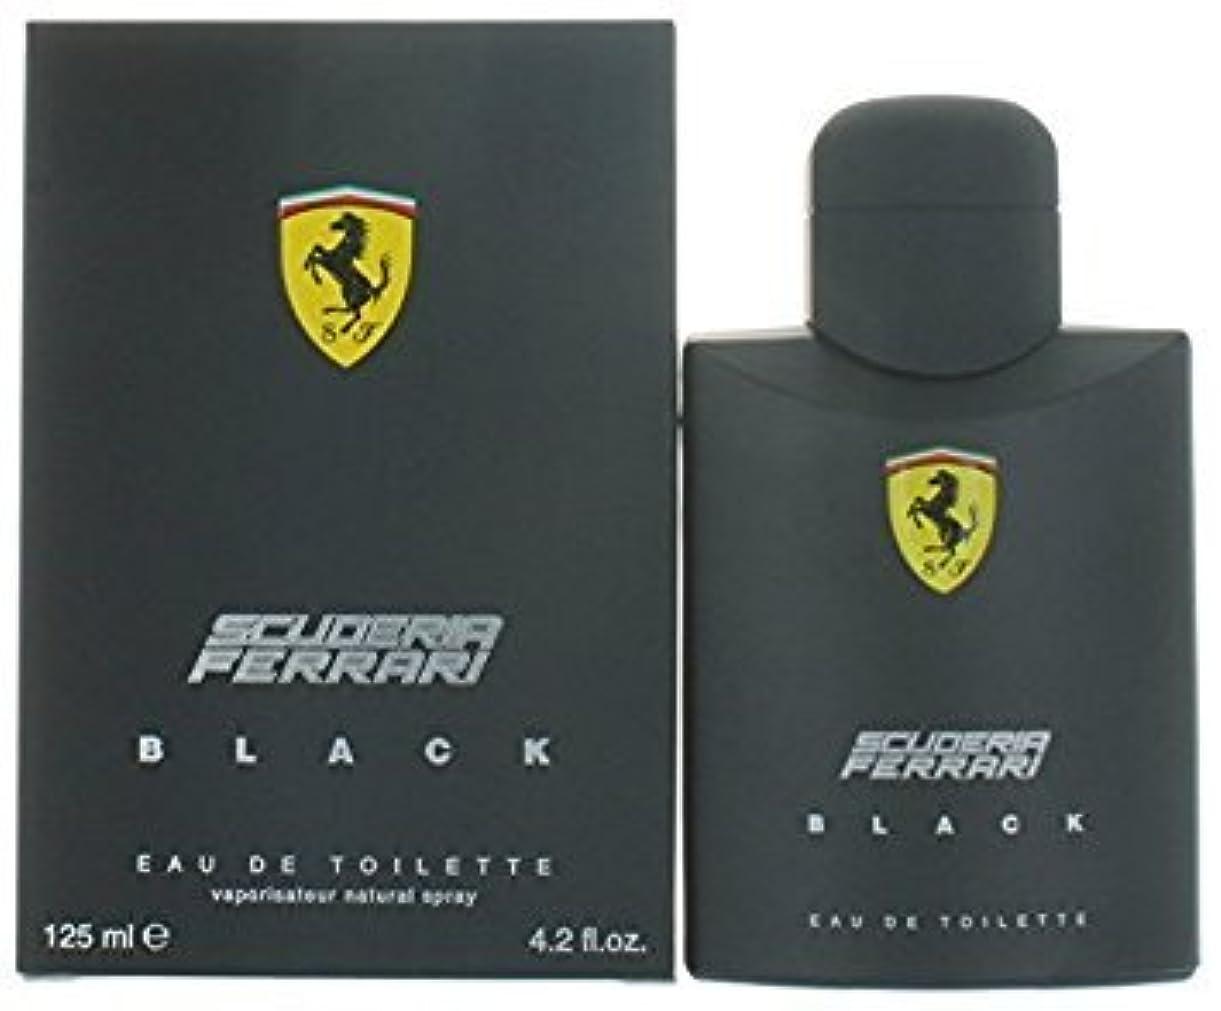 邪悪なずらす考慮FERRARI フェラーリ フェラーリブラック 125ml メンズ 香水 (並行輸入品)